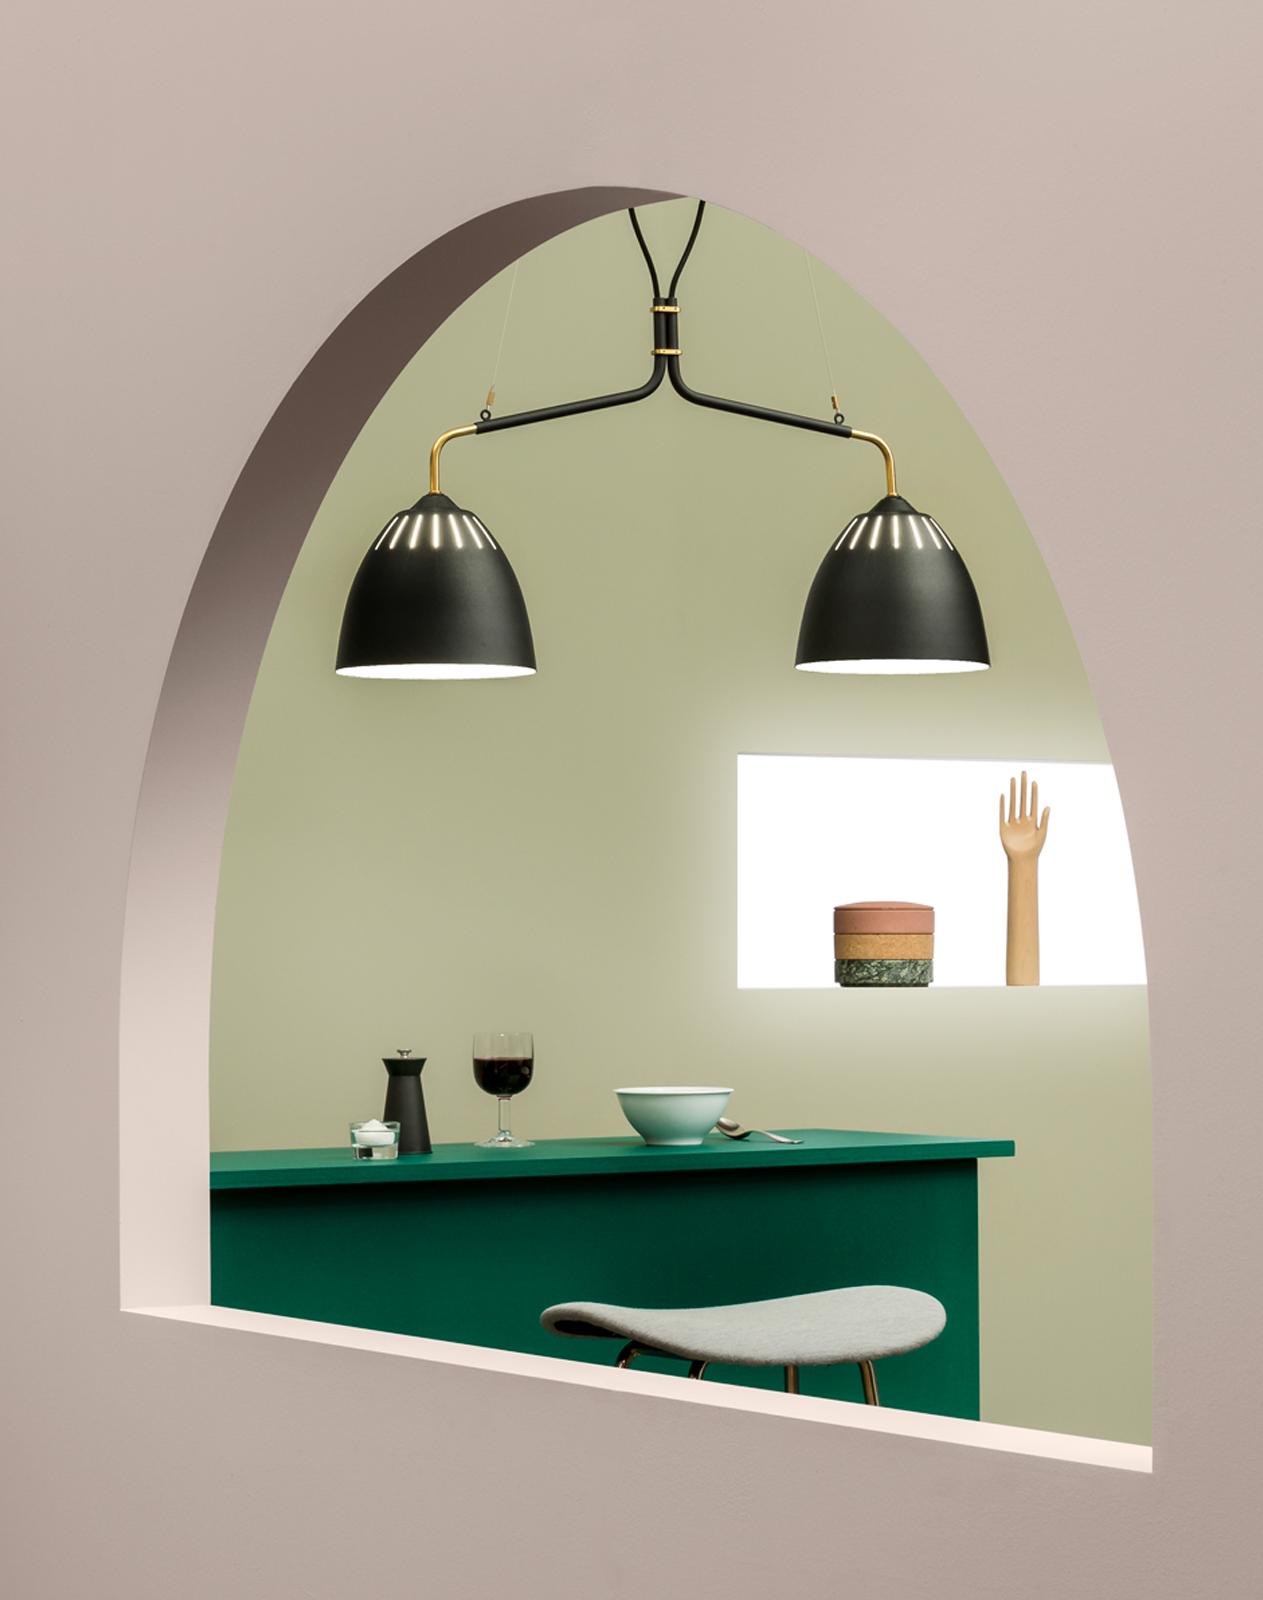 lampara-vintage-orsjo-lighting-collection-2